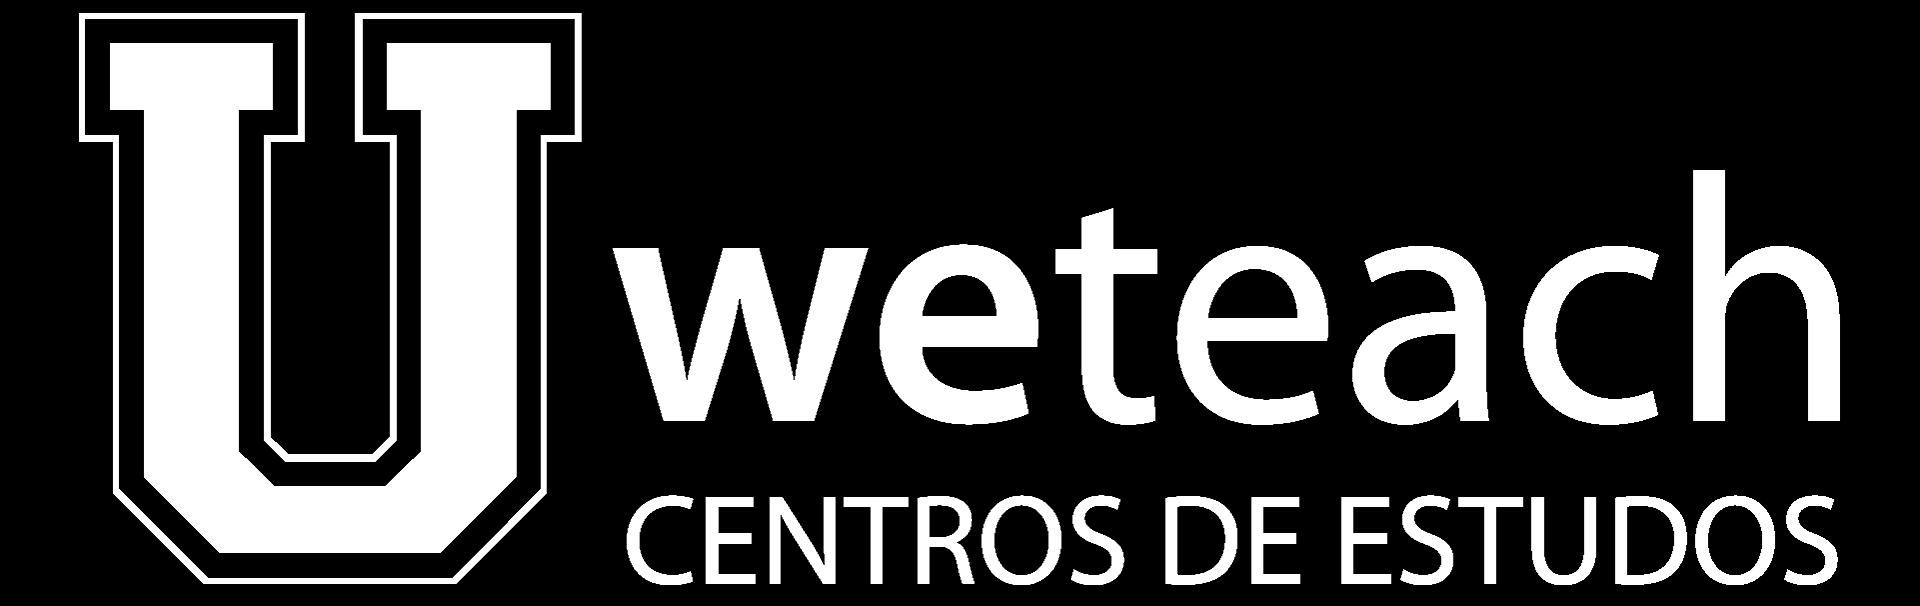 Weteach Centros de Estudos